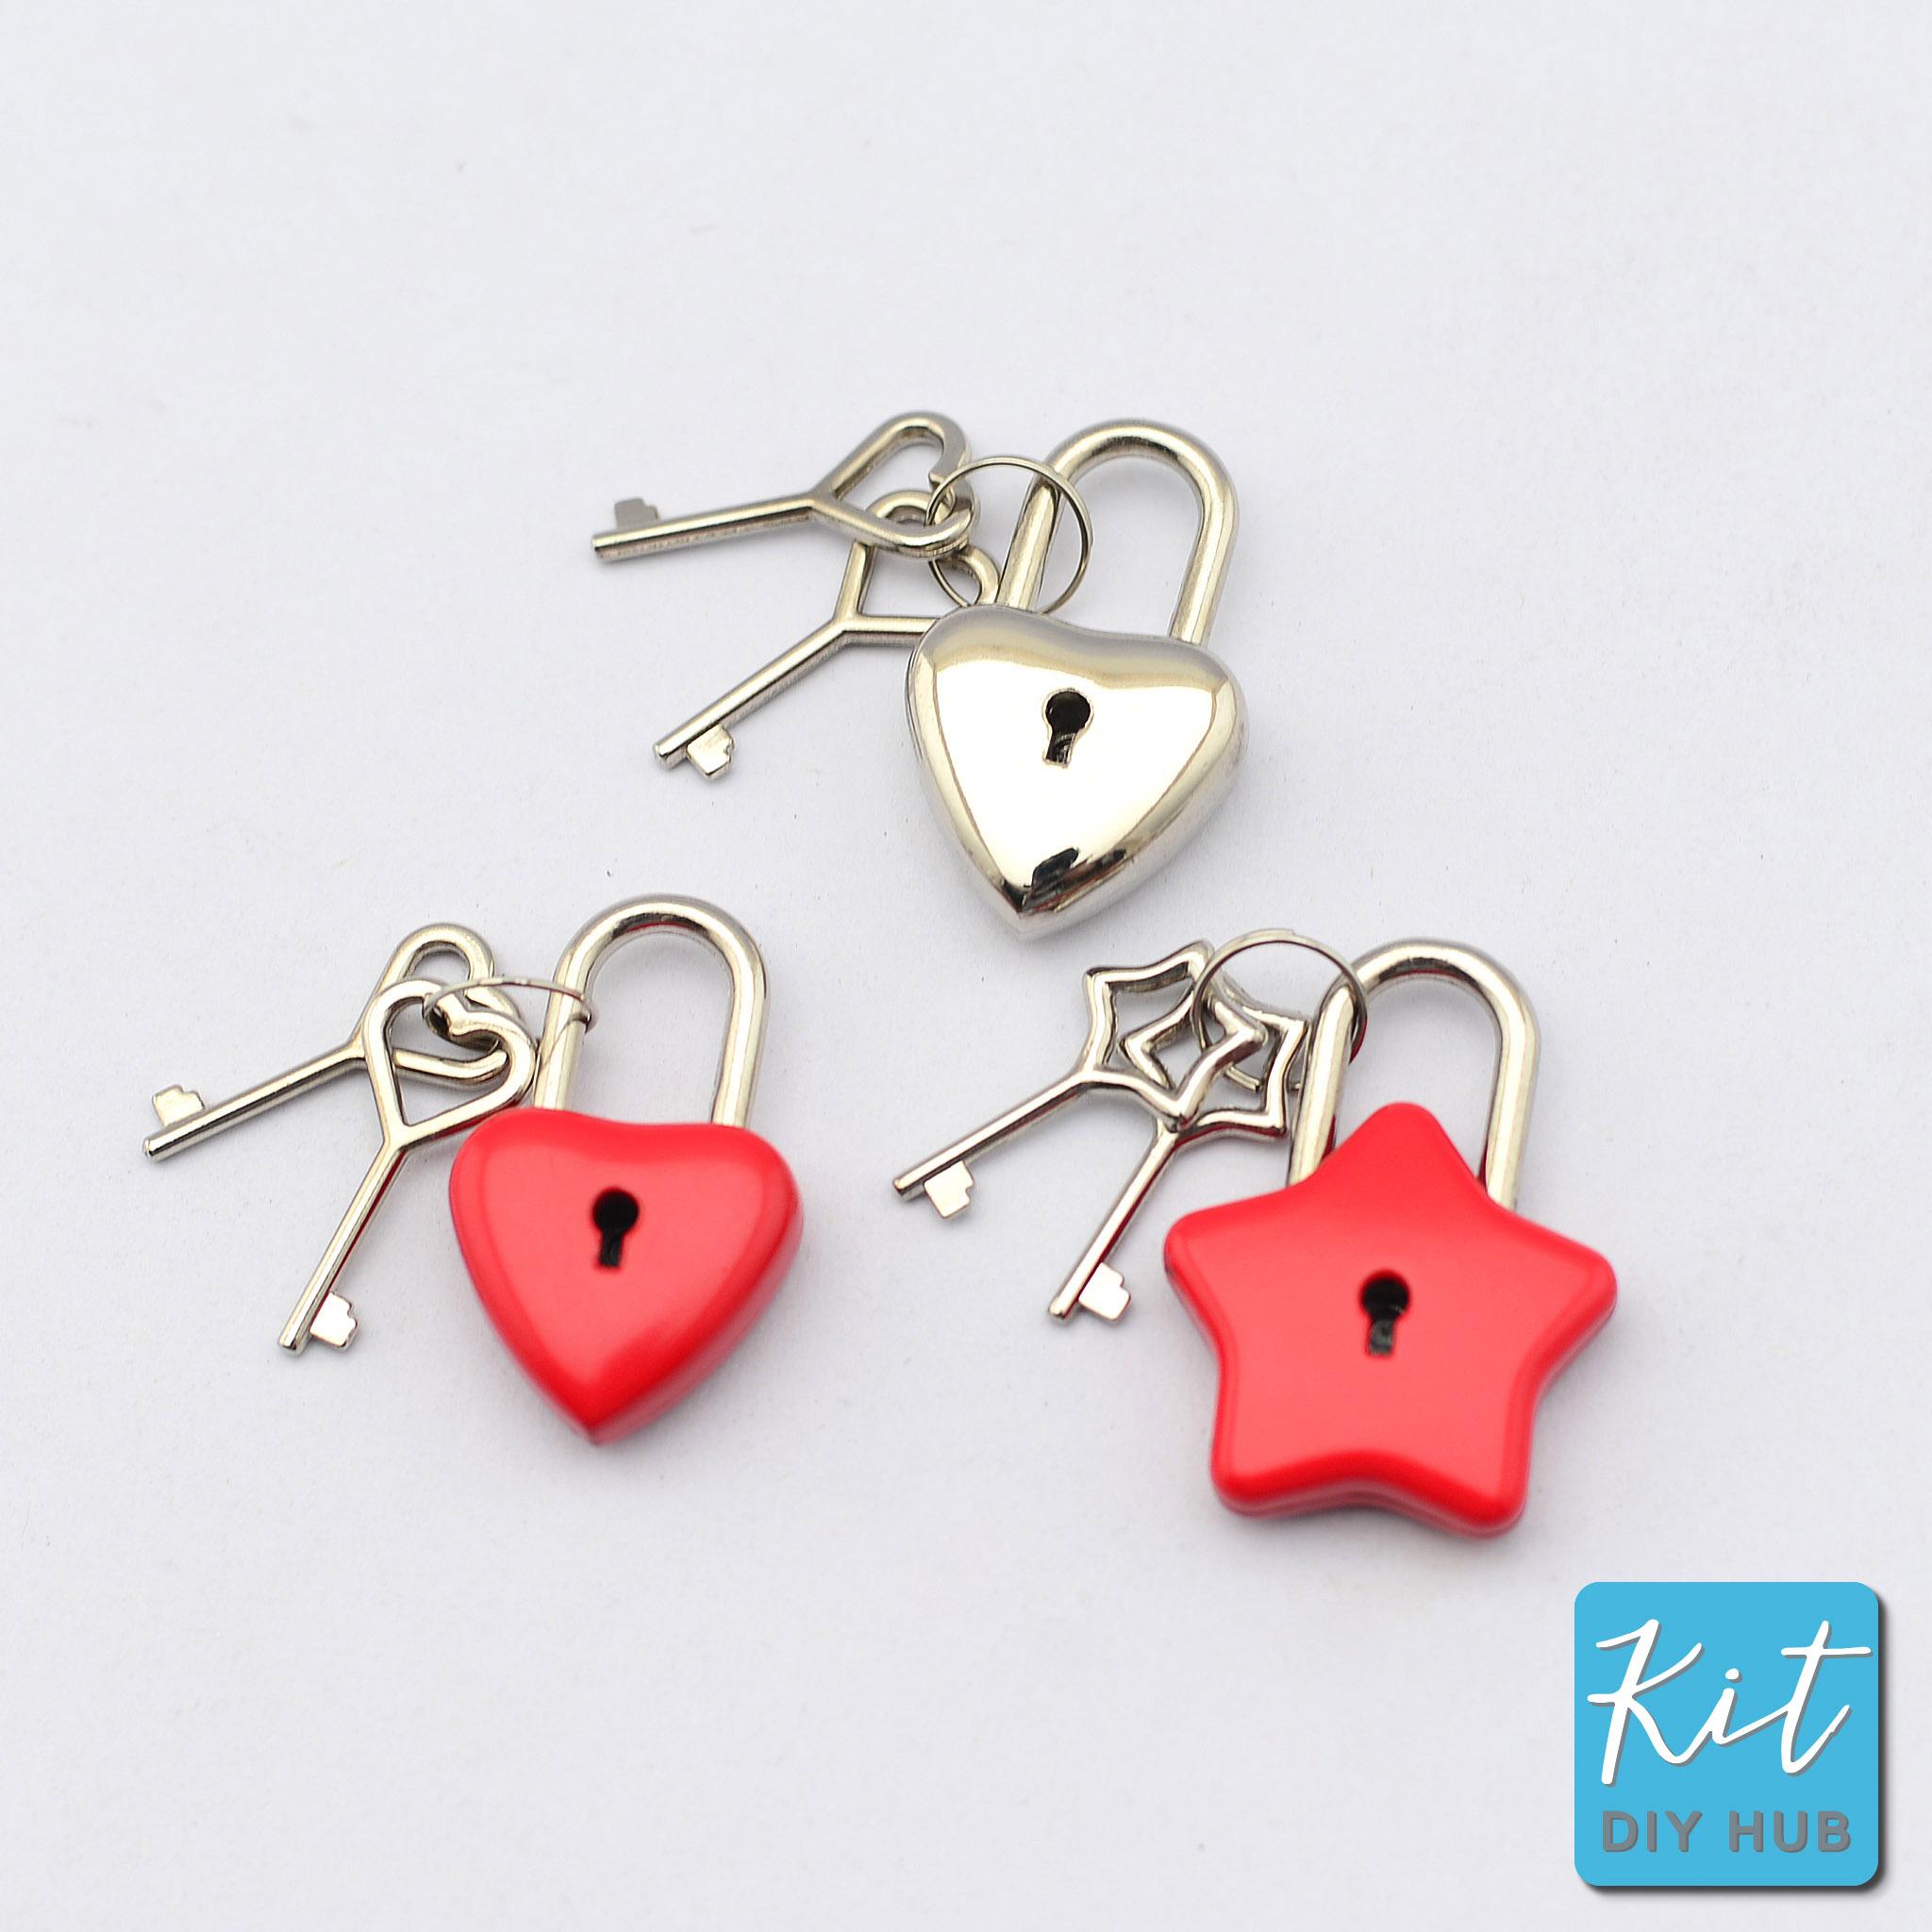 แม่กุญแจแฟนซี (กุญแจคู่รัก) 3แบบ